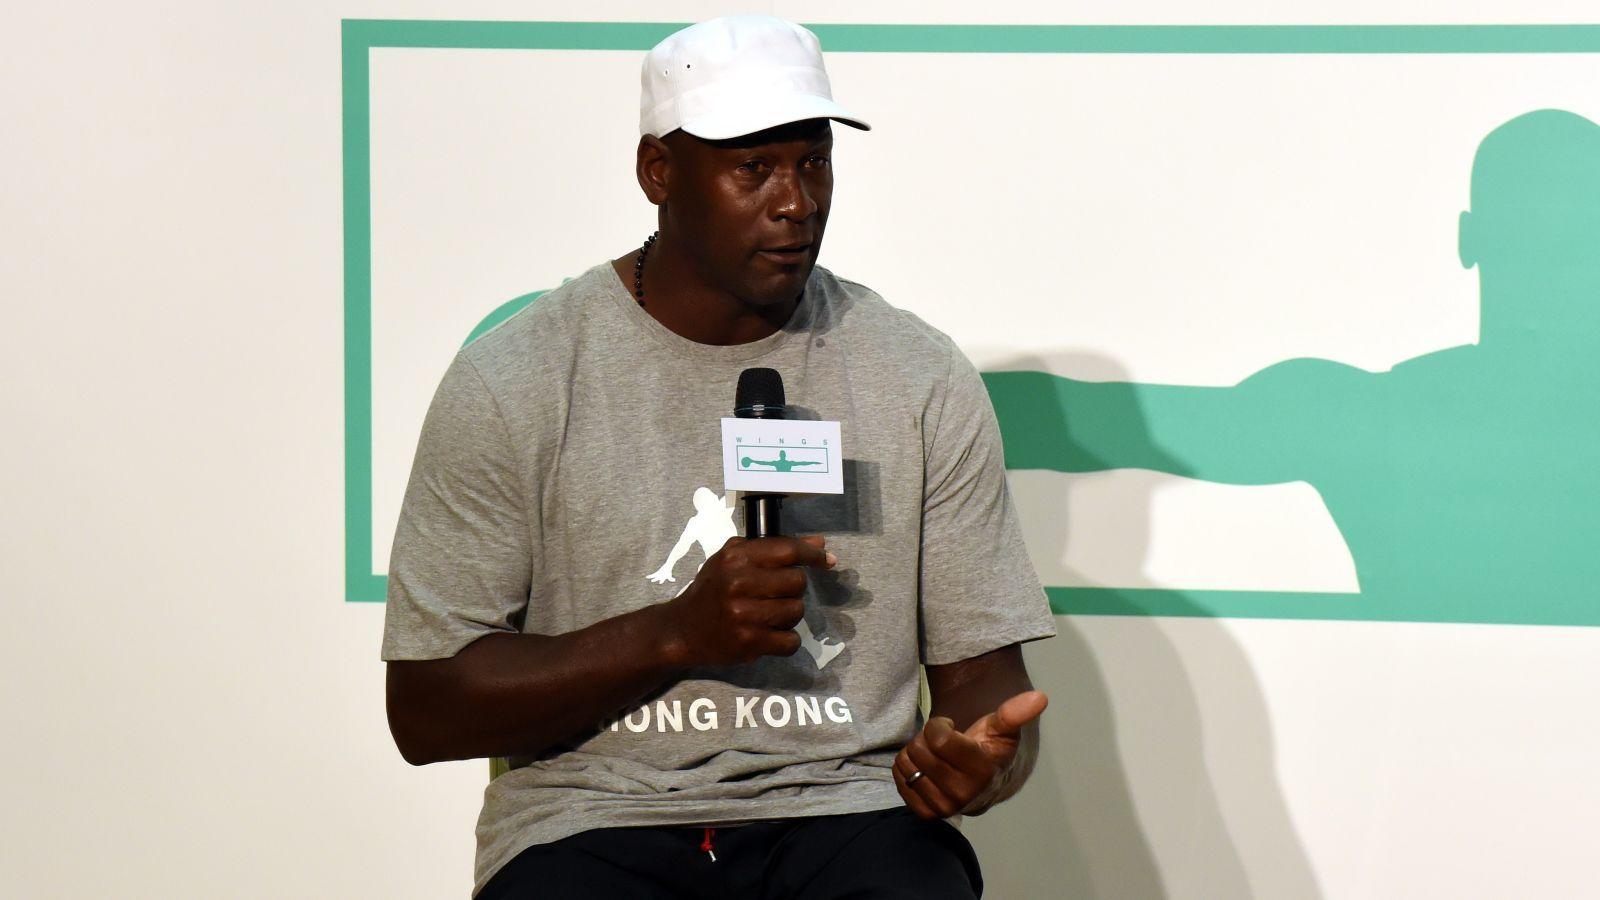 Az amerikai profi kosárlabda liga, az NBA talán legismertebb és egyik legtiszteltebb játékosának első, 1993-as visszavonulása egyes híresztelések szerint a játékfüggősége miatt történt. Látták játszani meccs előtti éjjel, volt aki pedig azt állította, 1,25 millió dollárt nyert el tőle akkoriban a golfpályán. Az ugyanakkor kiderült, hogy Jordant anno – véleményezett játékfüggősége miatt – nem a liga tiltotta el a kosárlabdázástól. (Imagine China/Shutterstock)